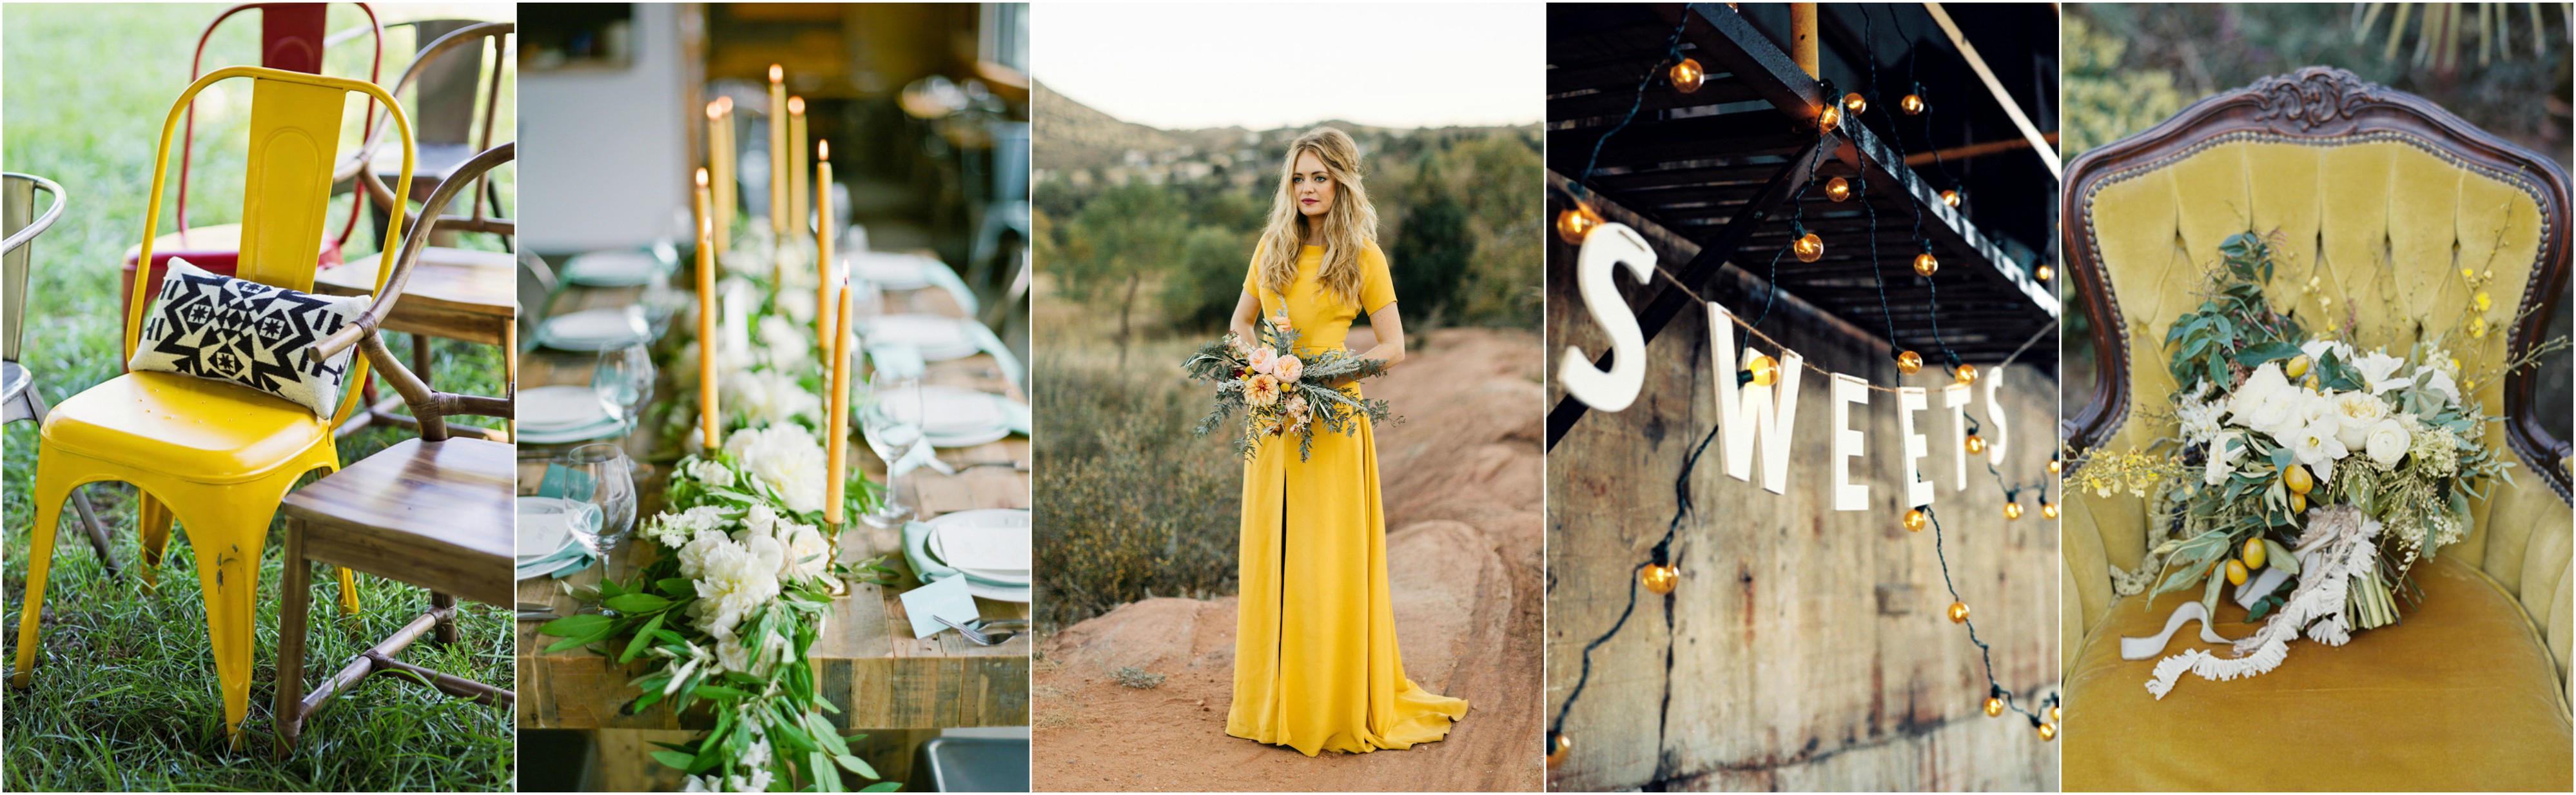 spring wedding mustard yellow colour shceme